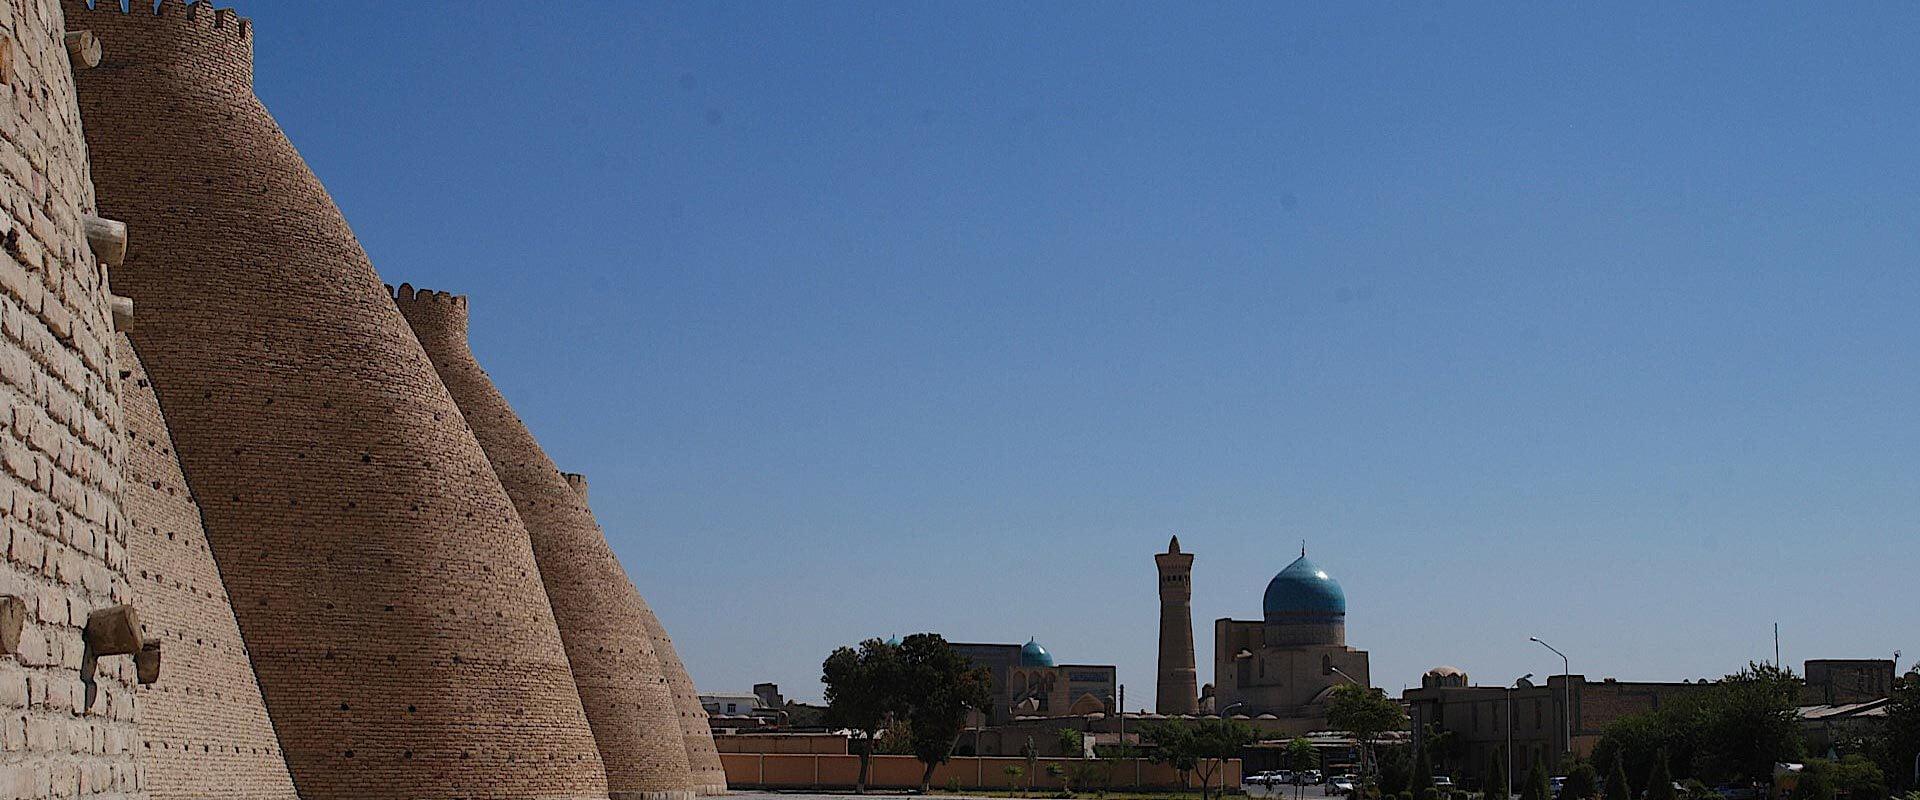 UNESCO World Heritage Sites in Uzbekistan